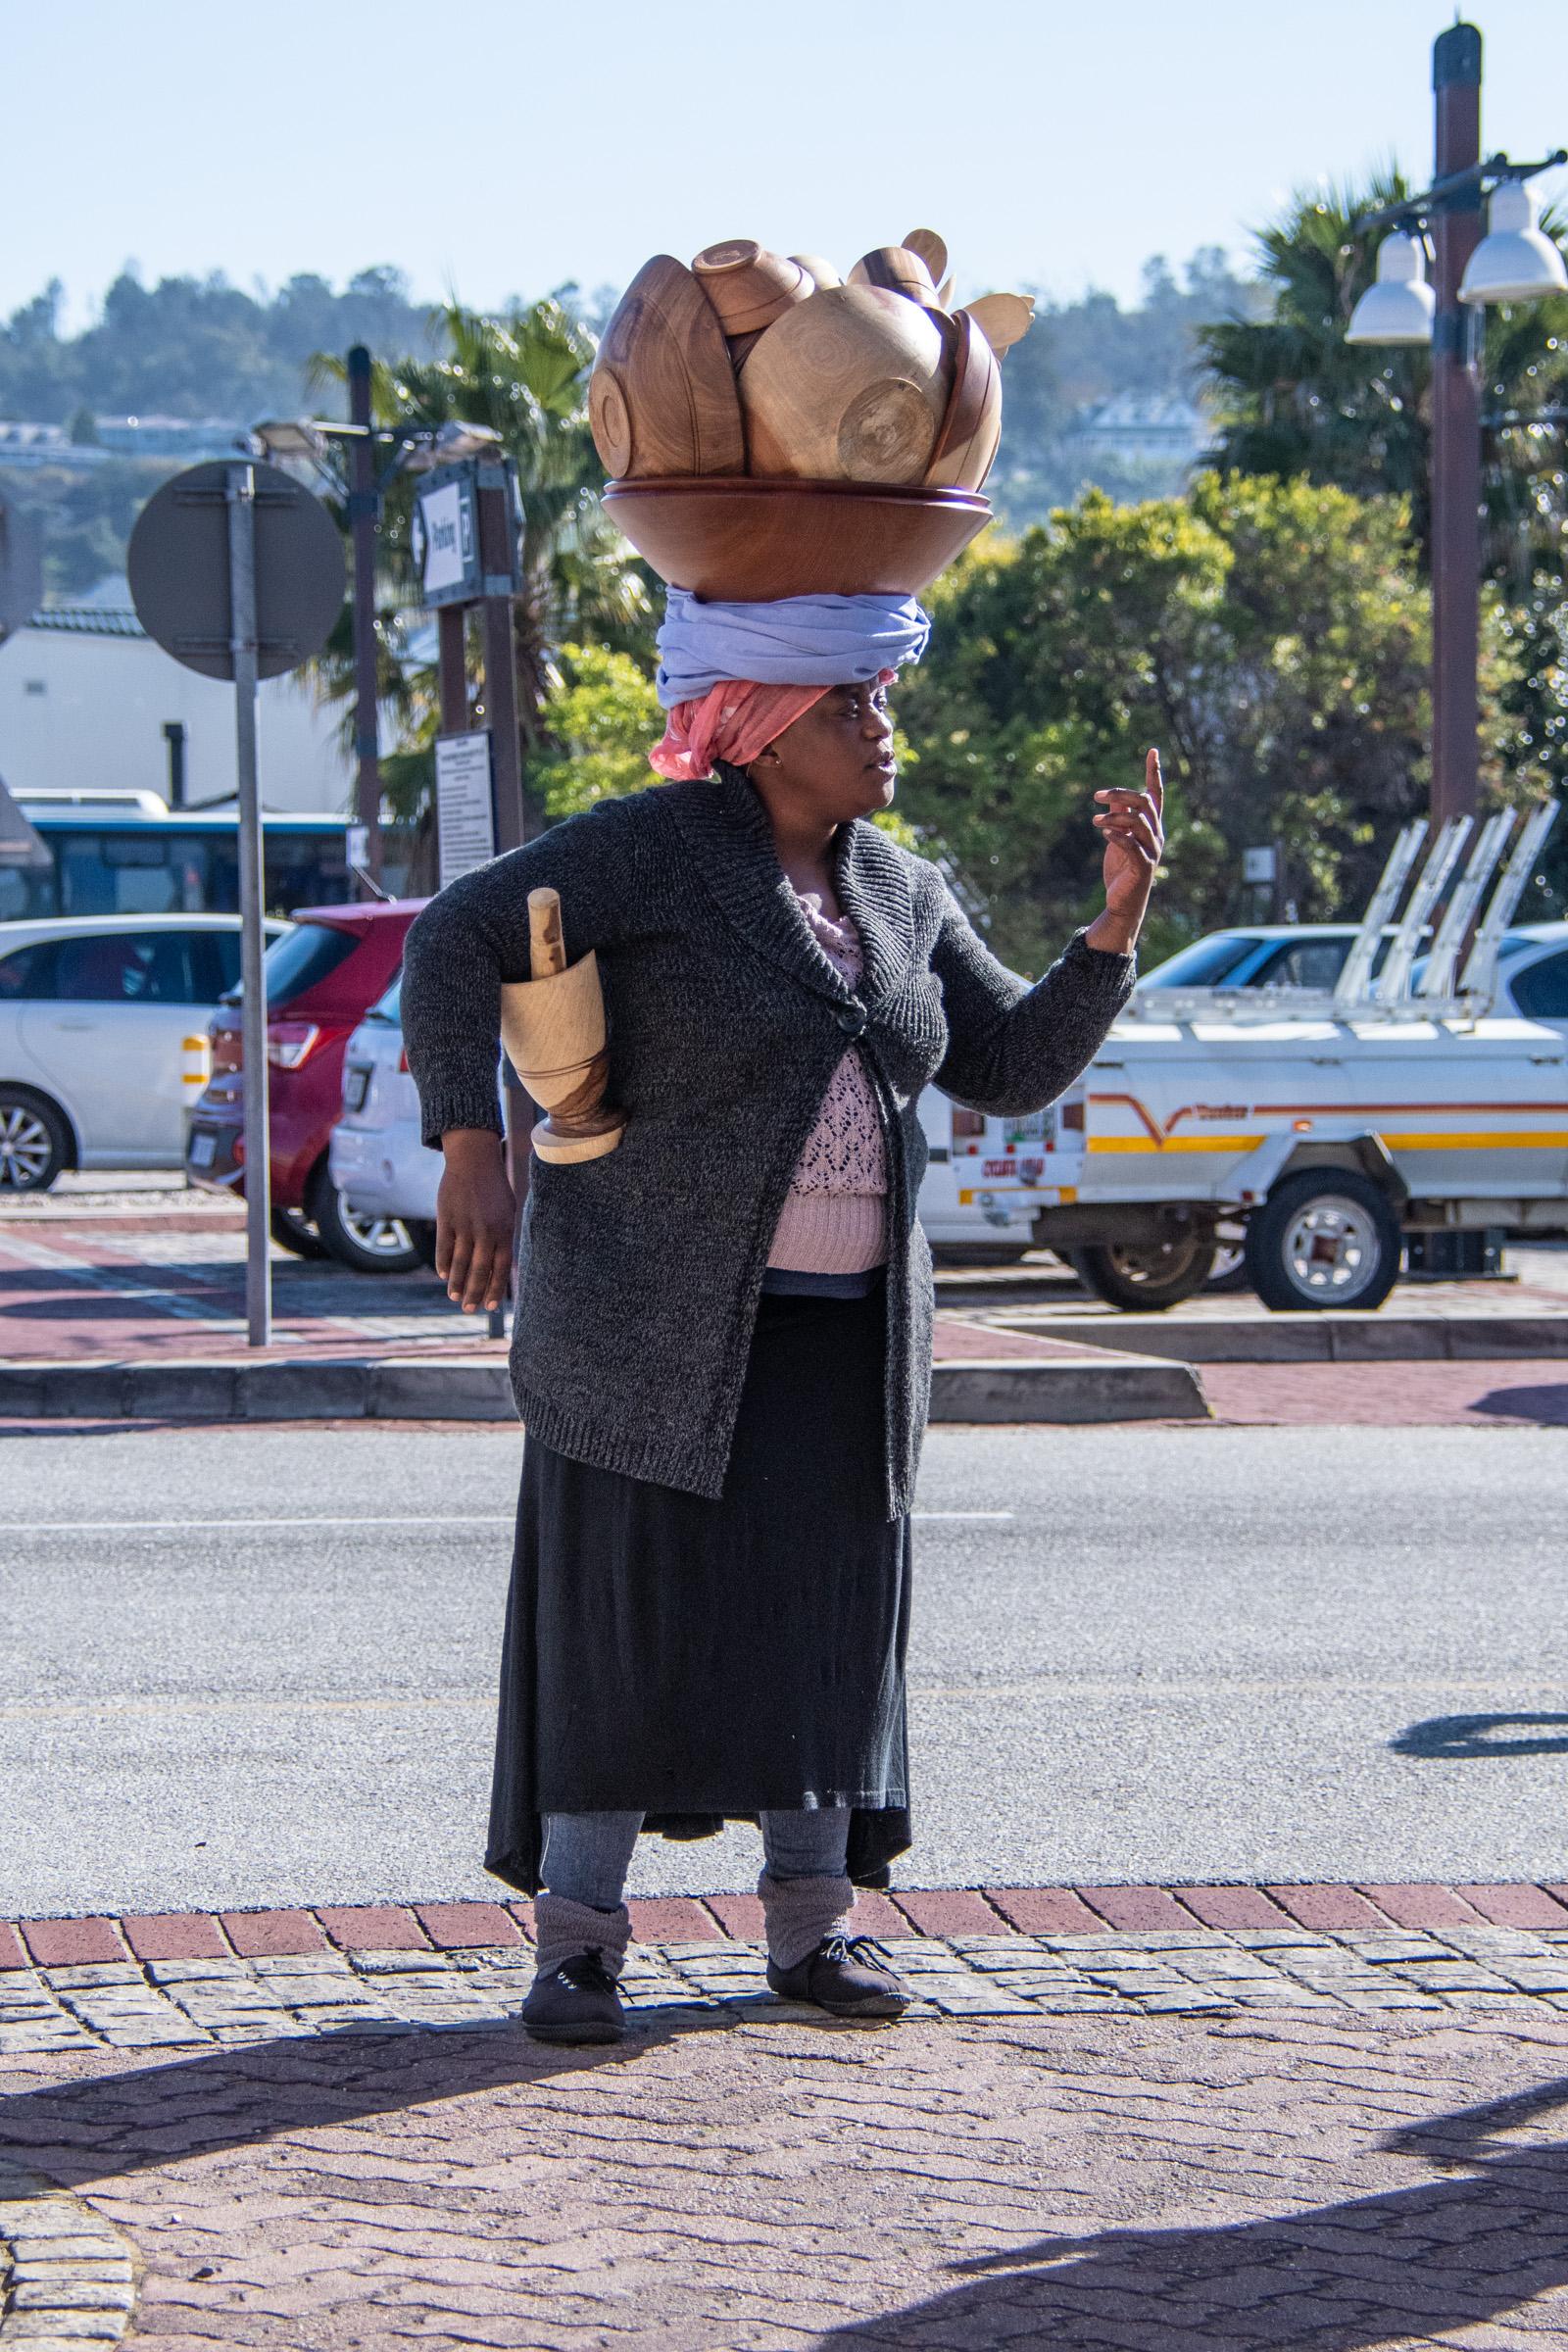 Sudafrica-242